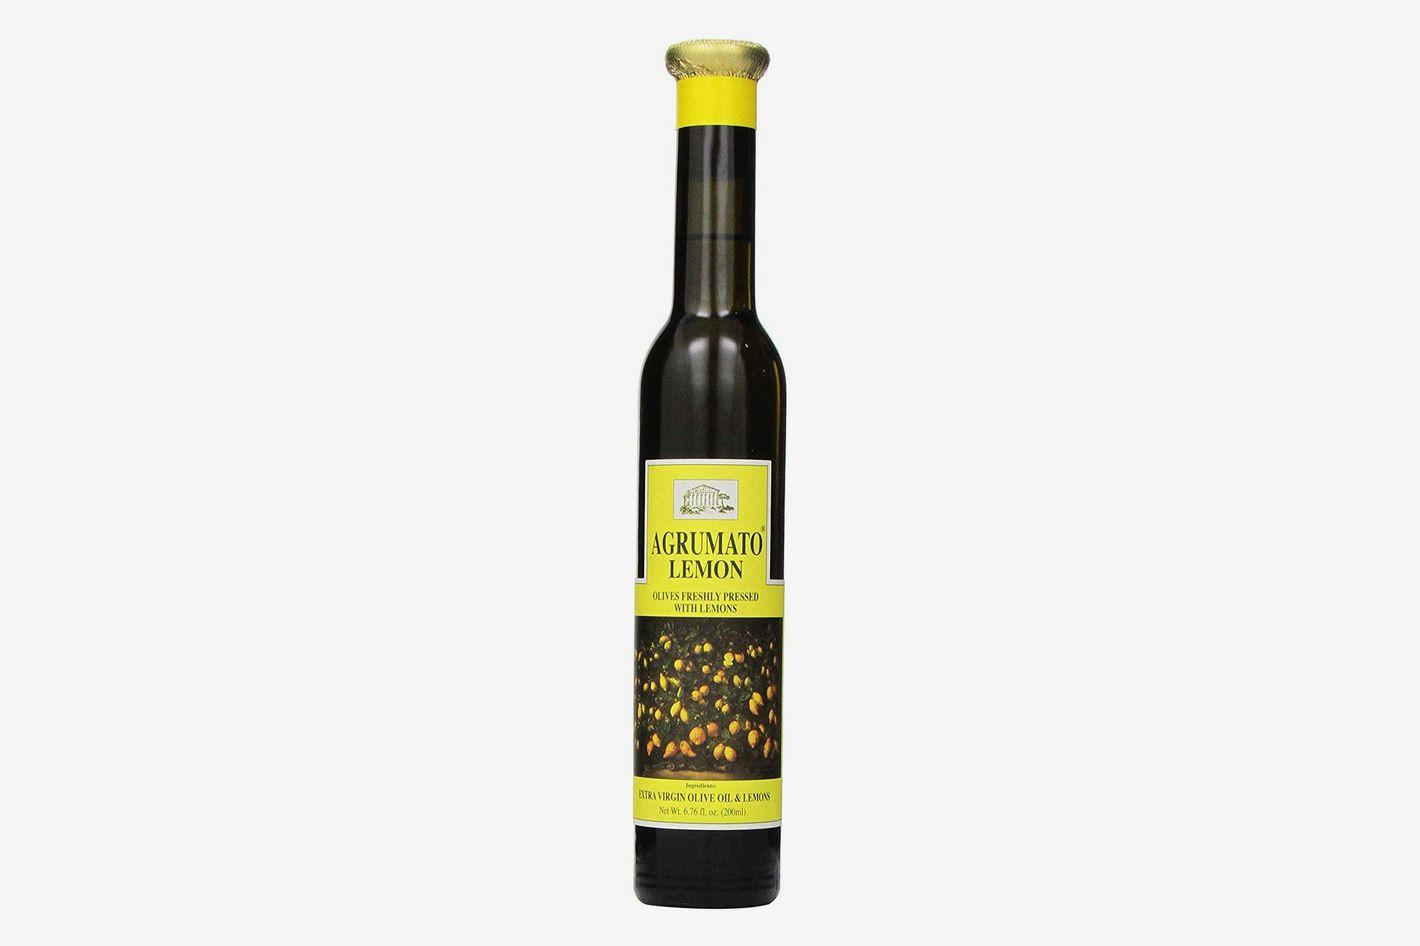 Agrumato Lemon Extra Virgin Olive Oil (200 ml)